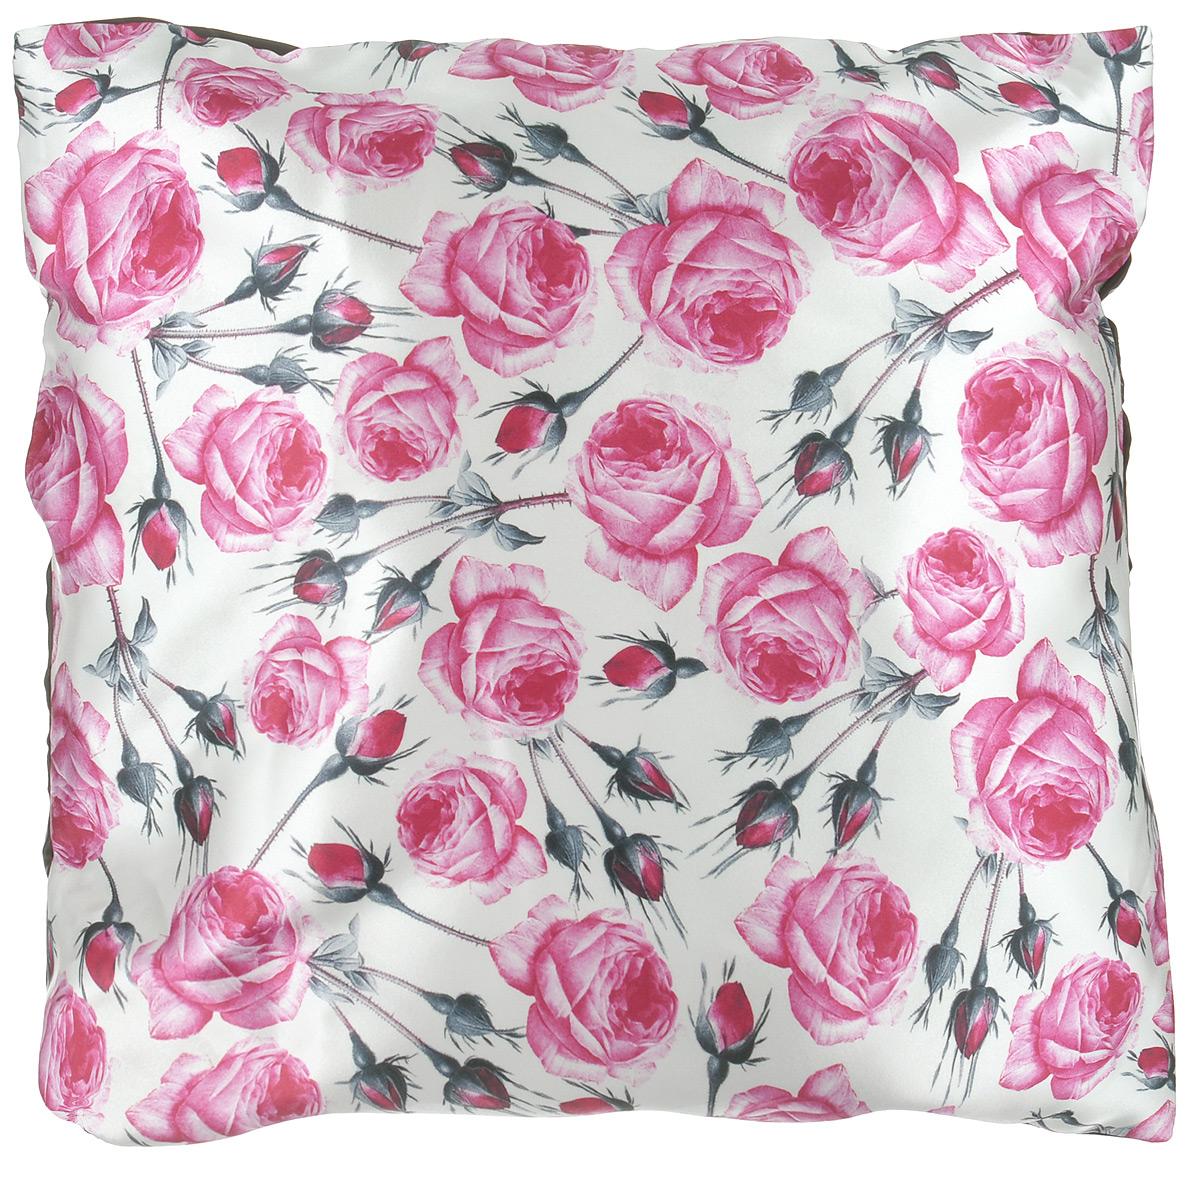 Подушка декоративная Розы, 40 см х 40 см58826розовыйДекоративная подушка Розы прекрасно дополнит интерьер комнаты. Чехол подушки выполнен из гладкого и приятного на ощупь сатина. Чехол на молнии, поэтому подушку легко стирать. Внутри - мягкий наполнитель. Лицевая сторона подушки украшена красочным цветочным рисунком, задняя сторона - насыщенного шоколадного цвета.Стильная и яркая подушка эффектно украсит интерьер и добавит в привычную обстановку изысканность и роскошь.